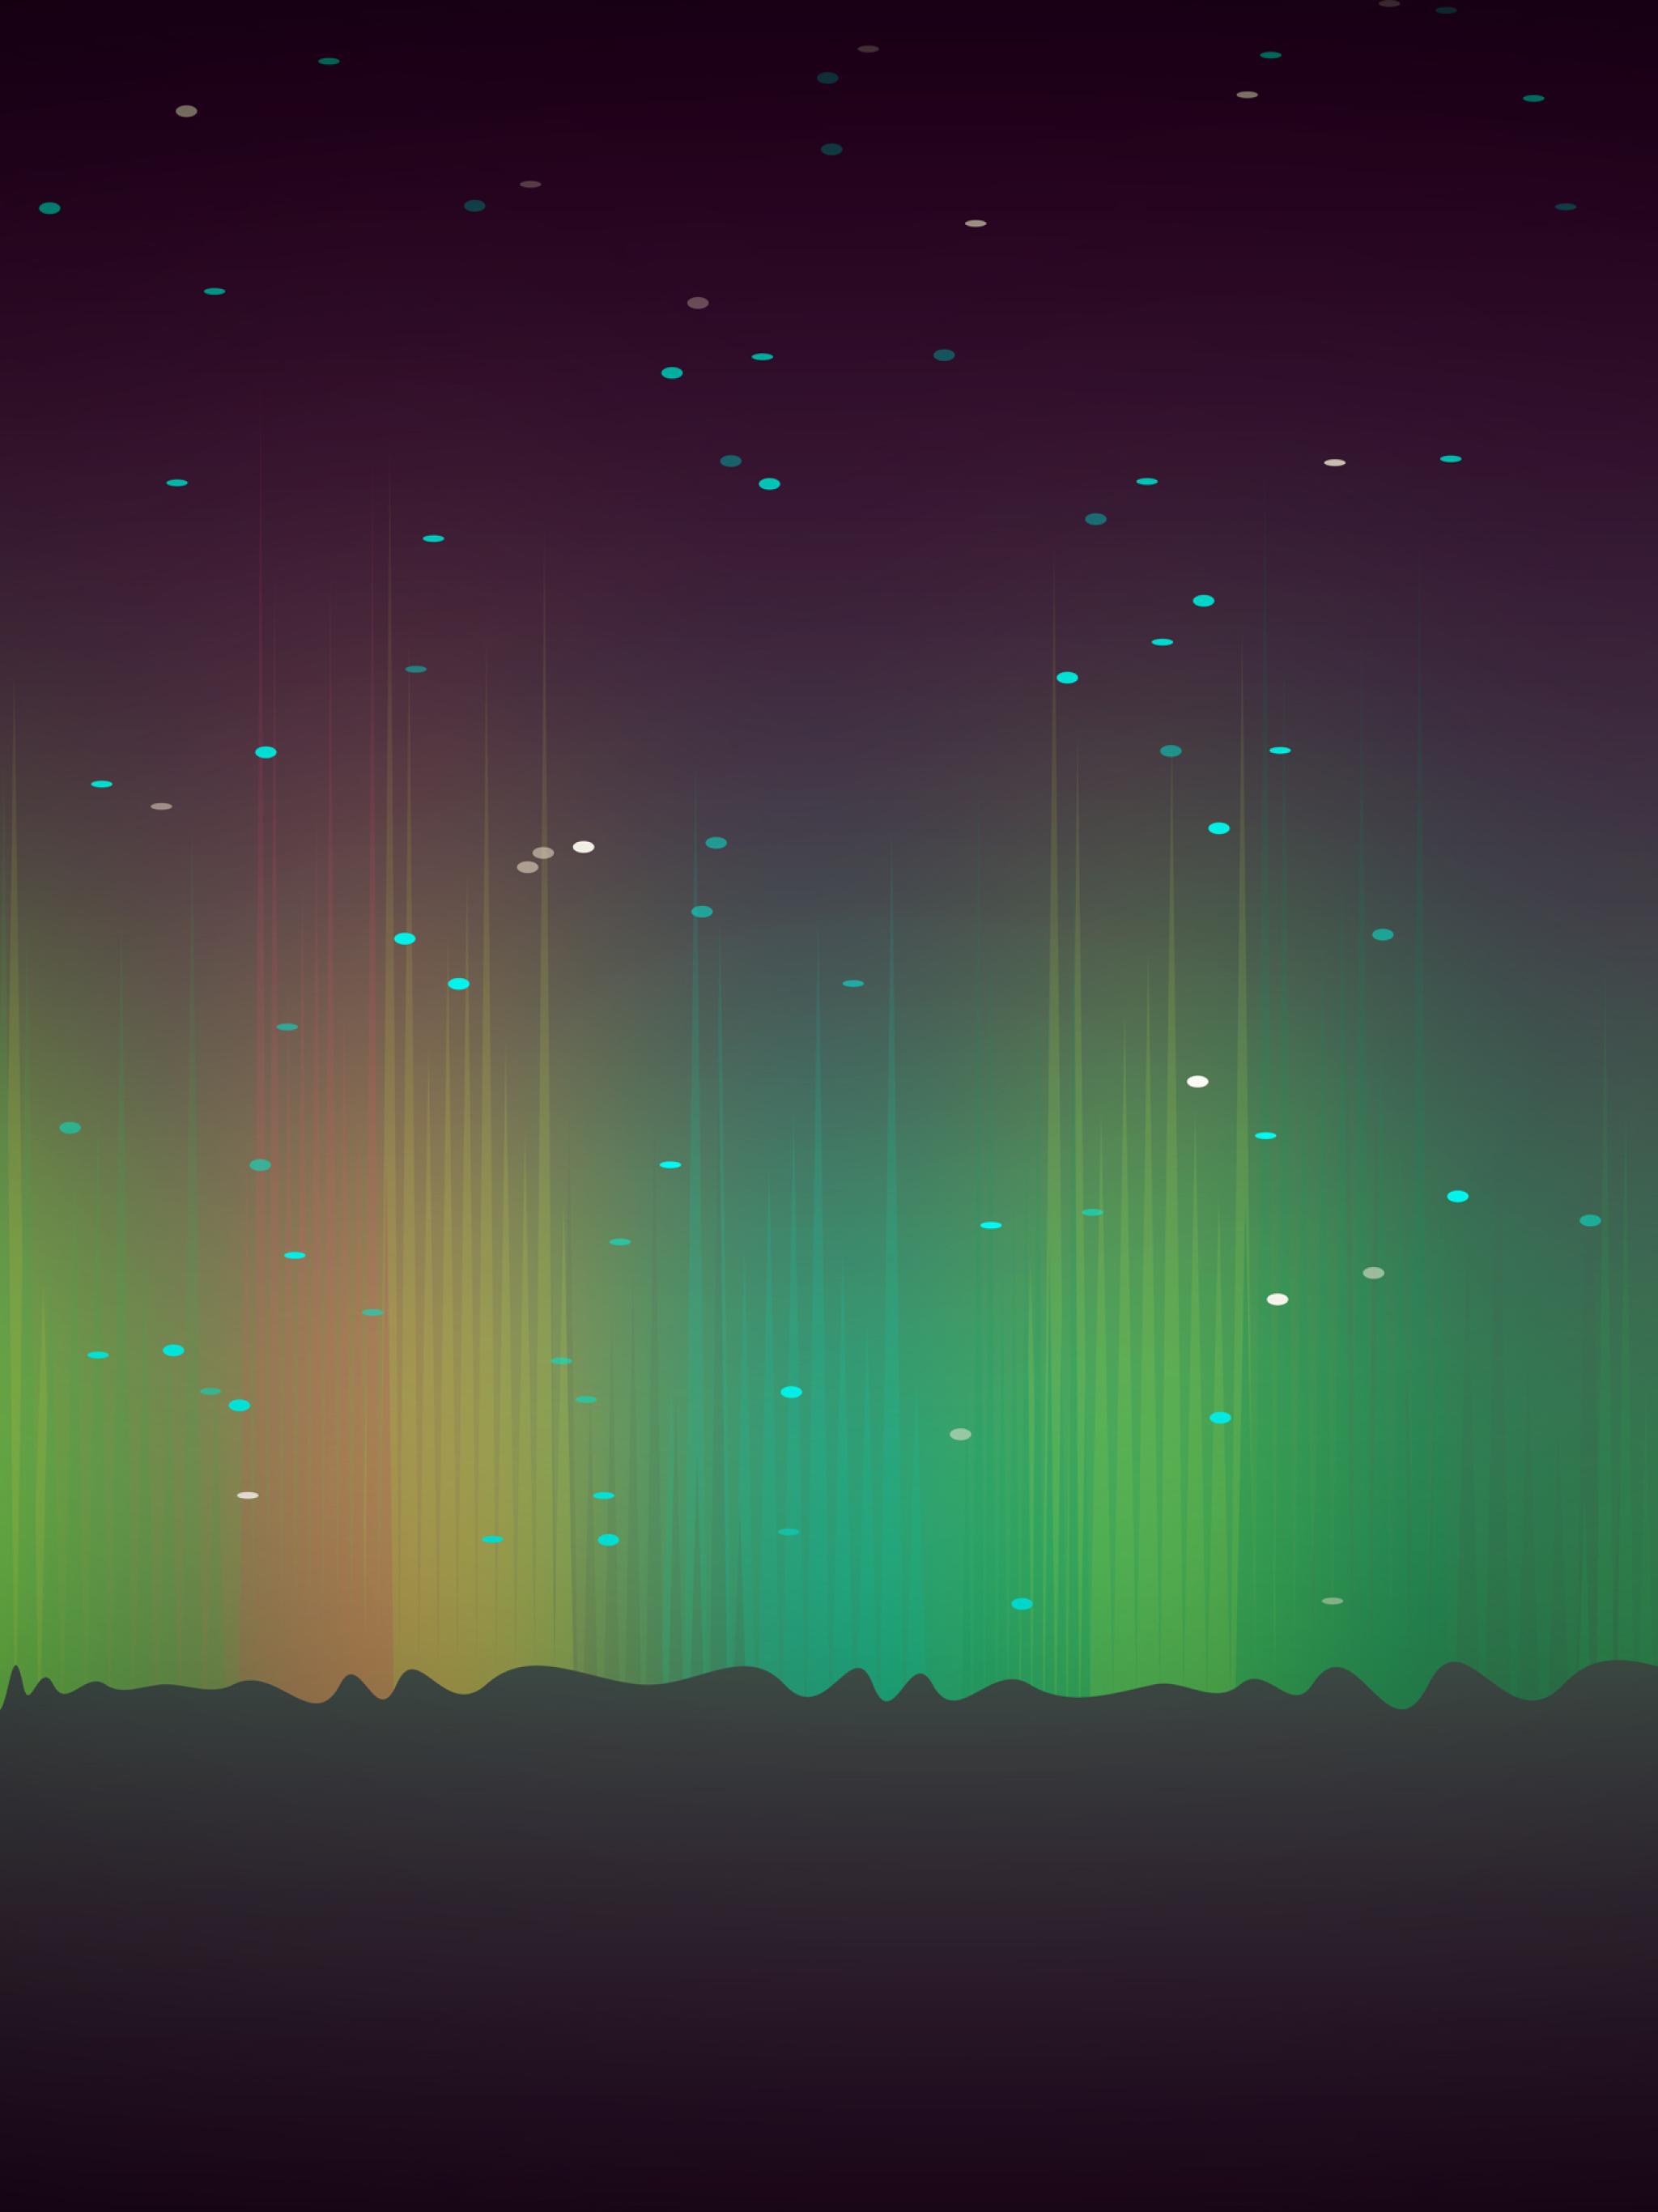 20x20 Dim Glowing Lights 20x20 Resolution Wallpaper, HD ...